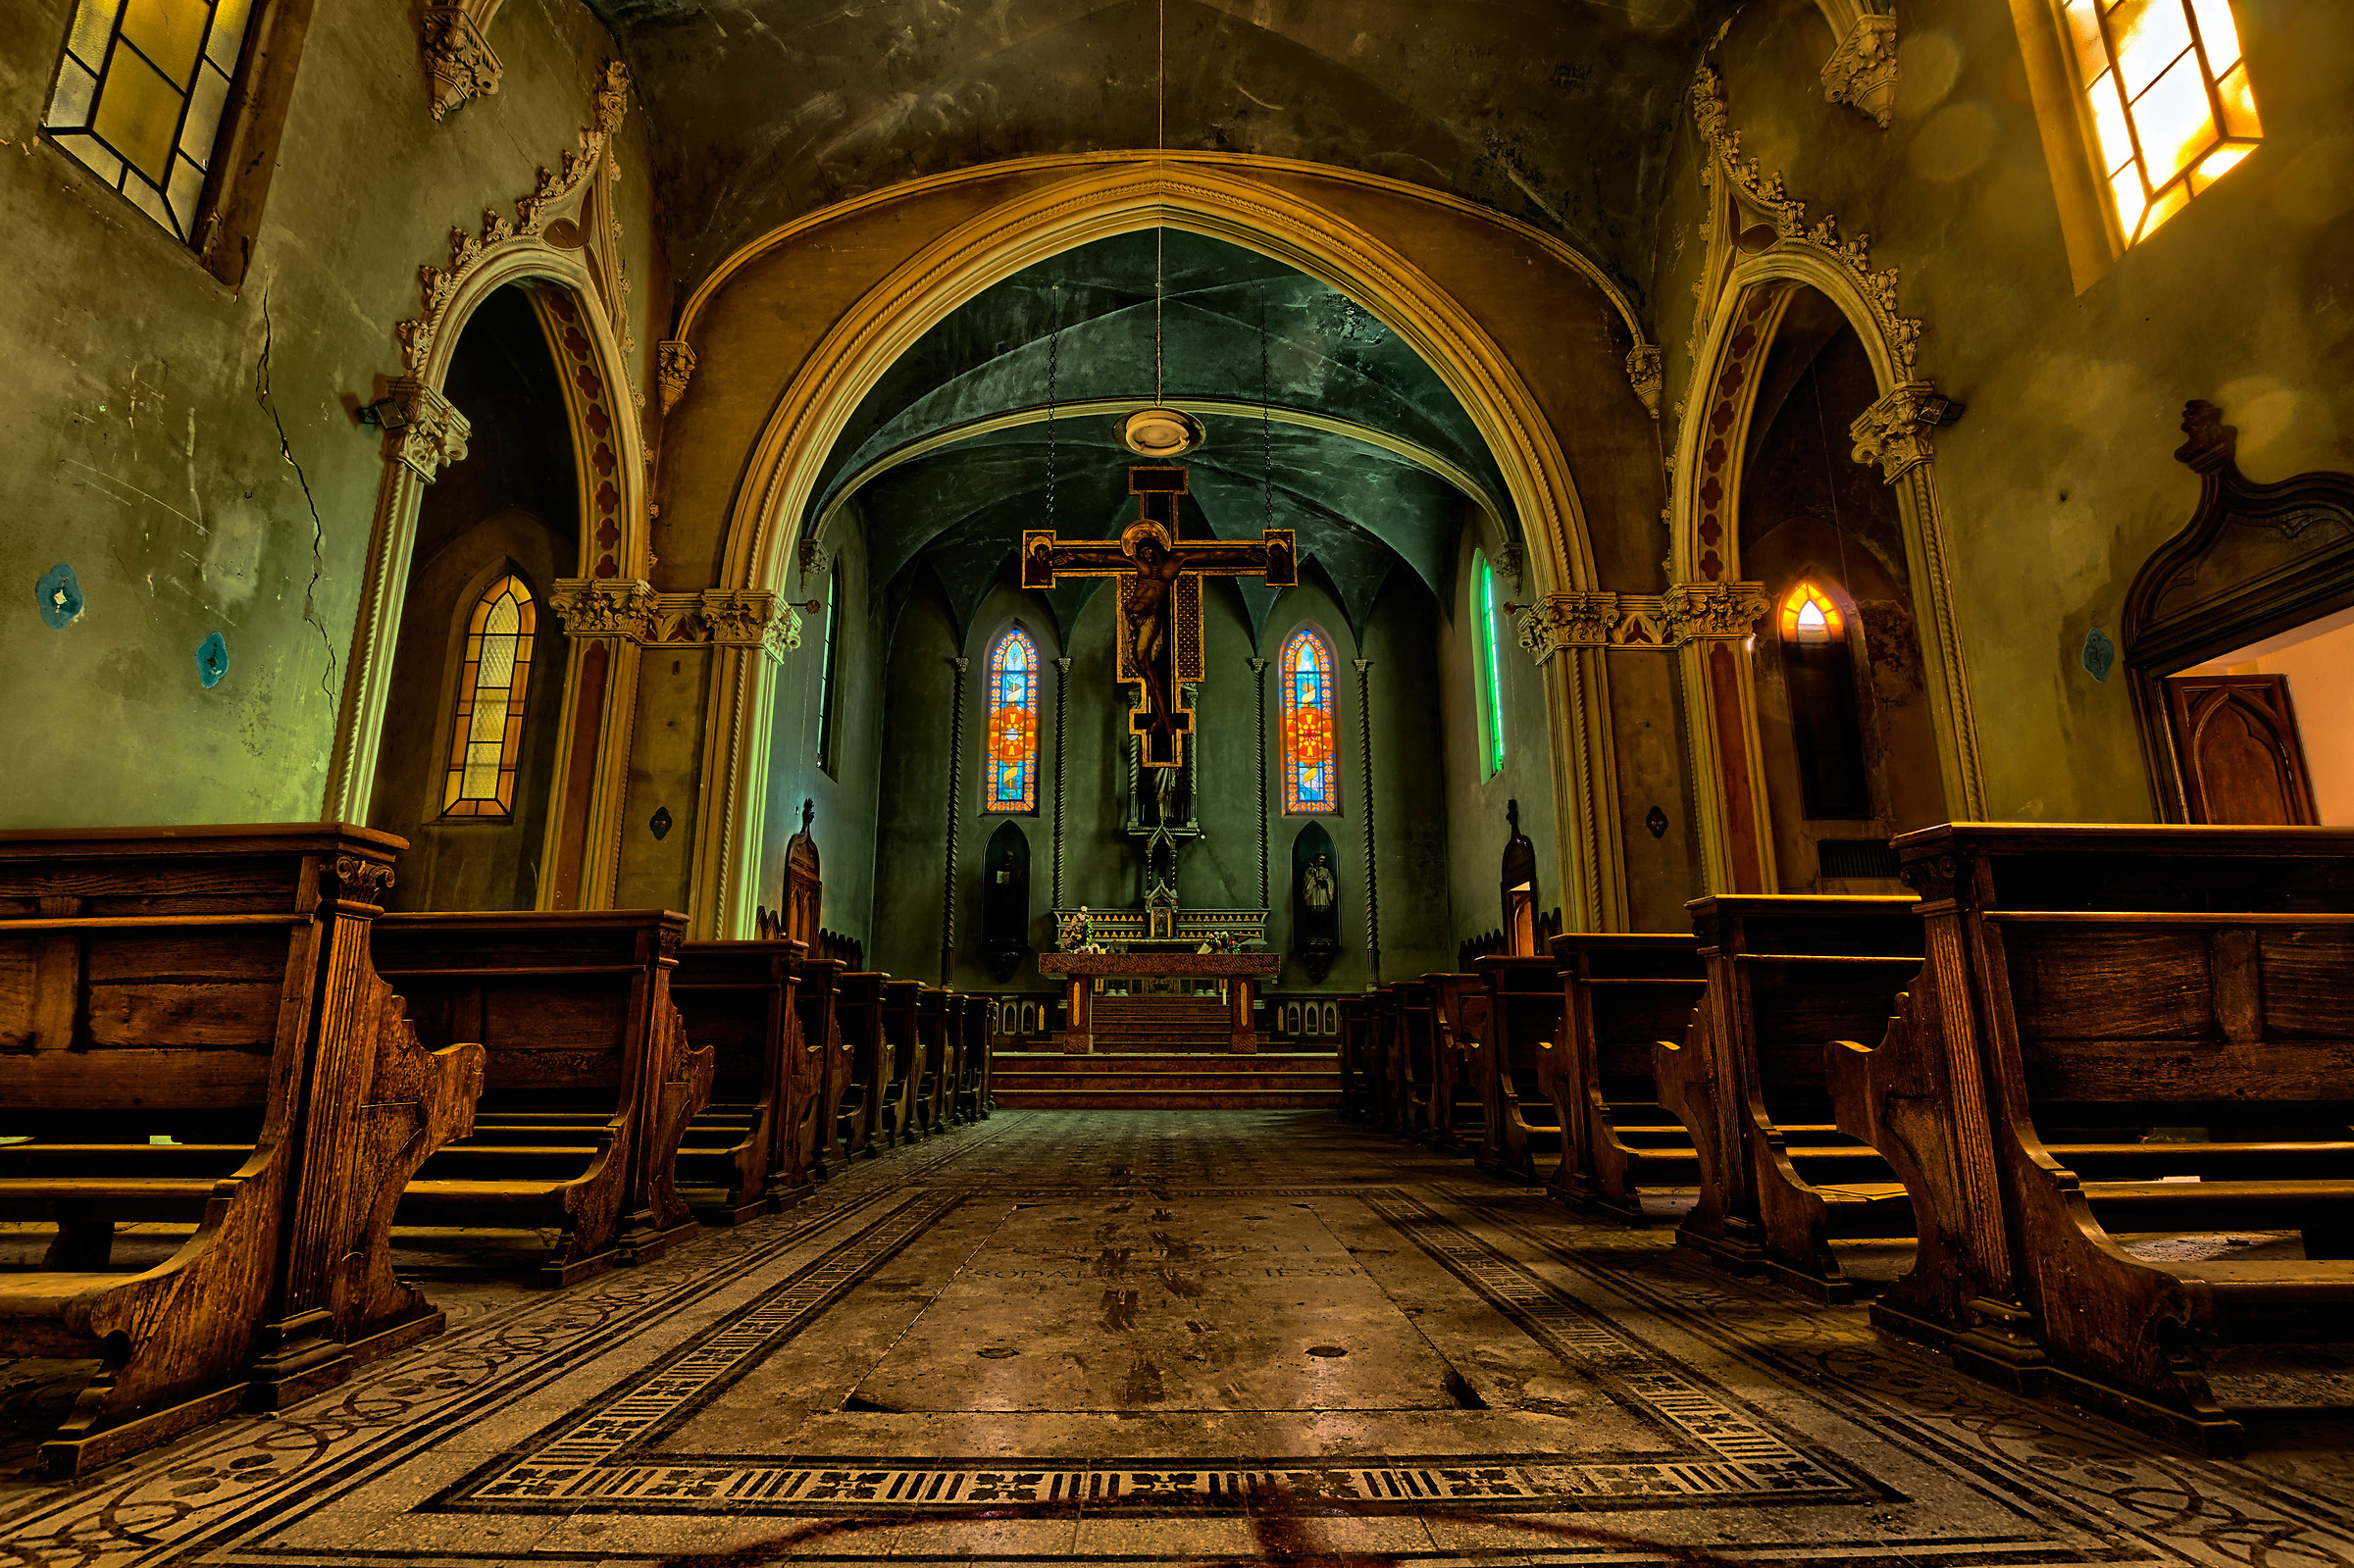 La chiesa blu.......